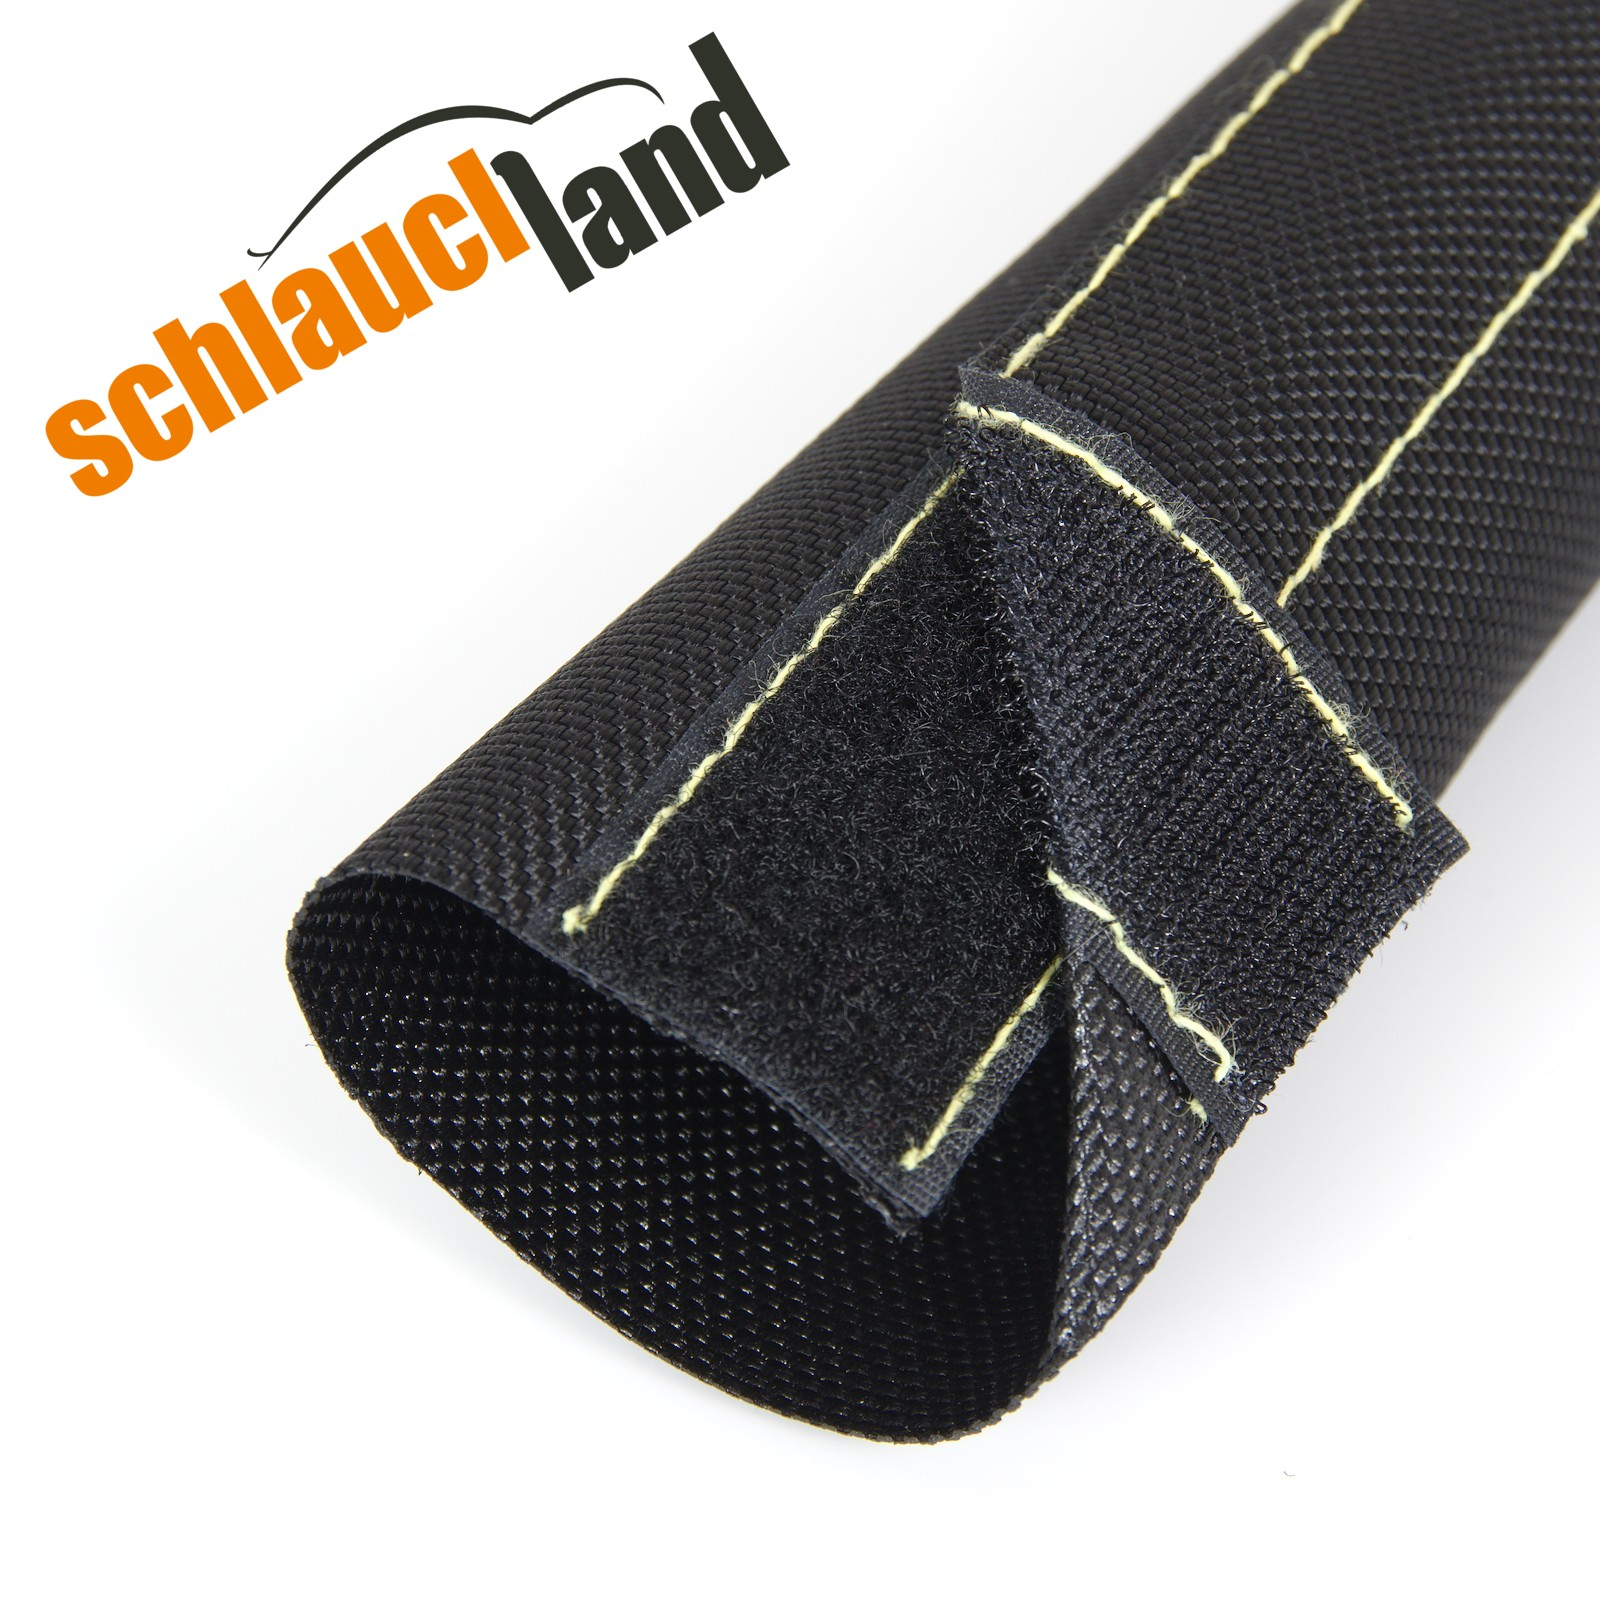 1m Nylon Gewebeschlauch Klettverschluss ID 25mm *** Kabelschutz Schutz Schlauch